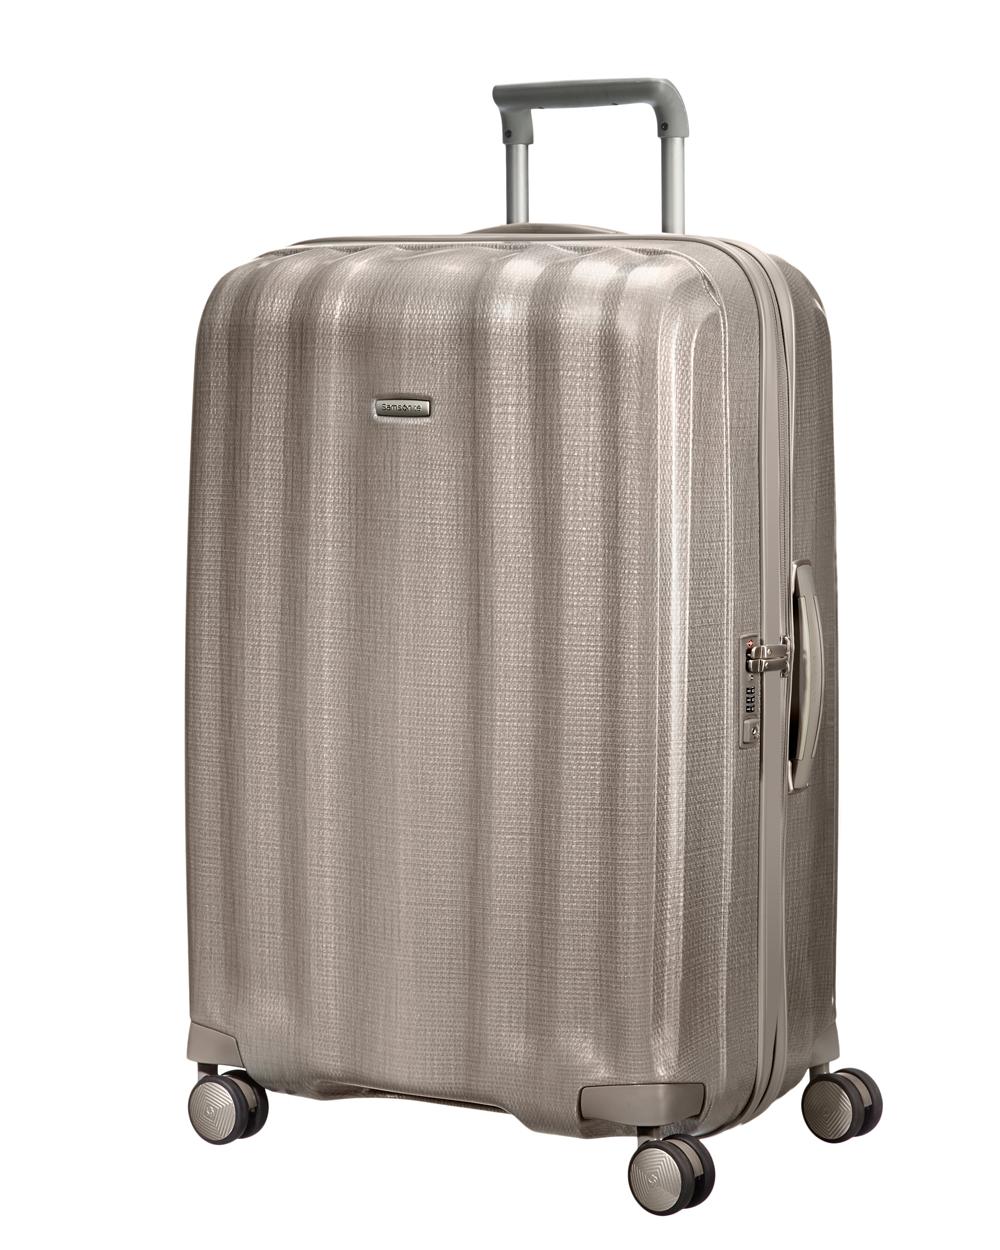 samsonite grande valise rigide lite cube 82 cm spinner curv. Black Bedroom Furniture Sets. Home Design Ideas